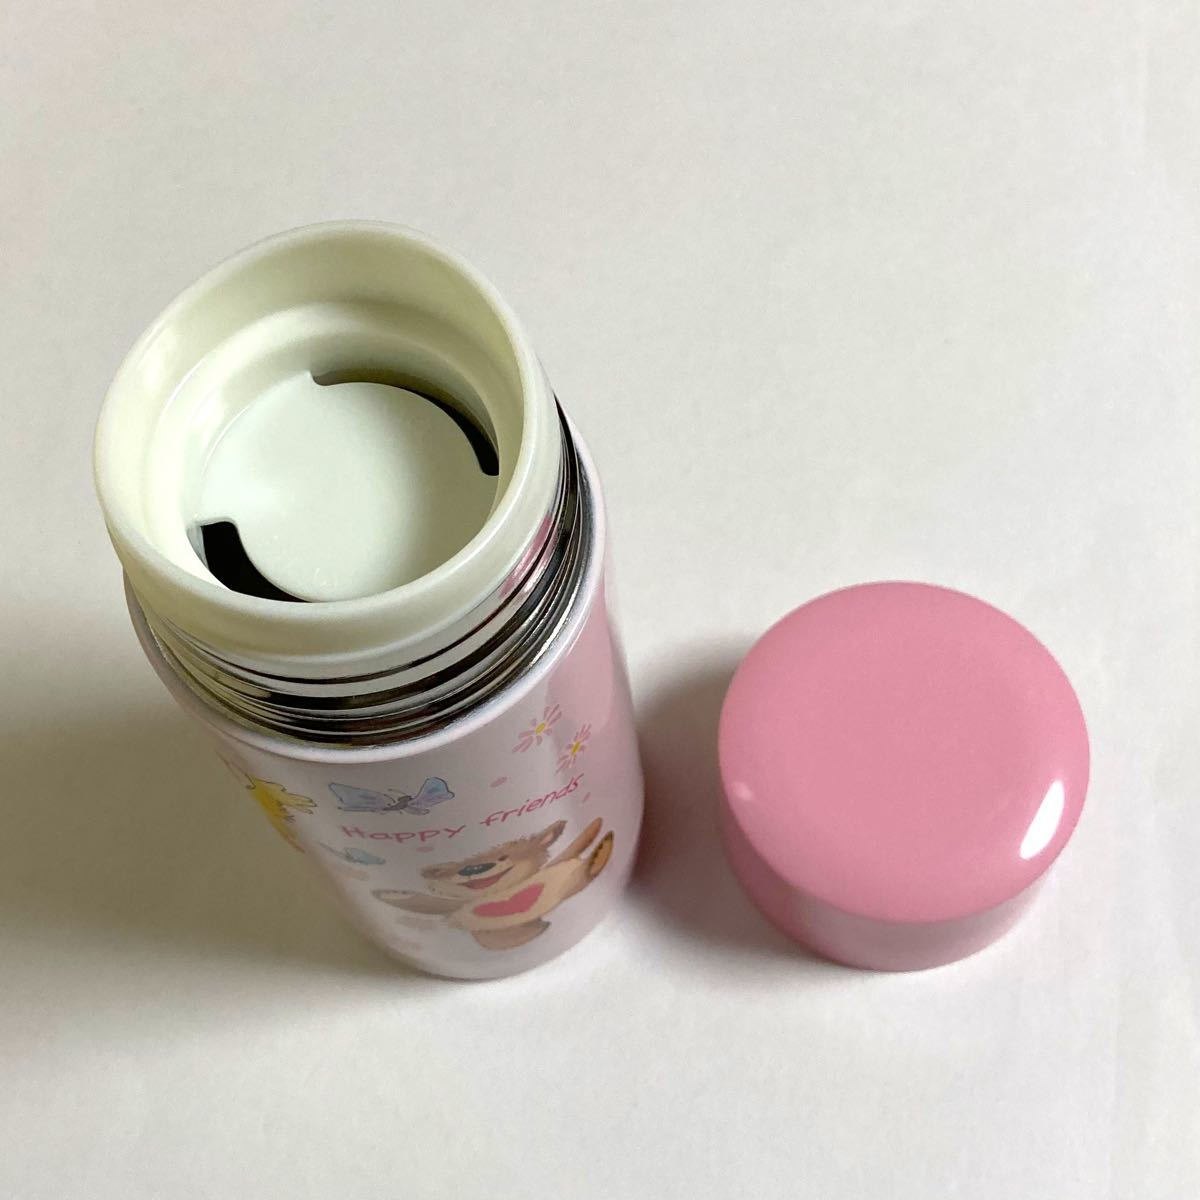 新品未使用 スージーズー 保温保冷ステンレスマグボトル 直飲み水筒 240ml